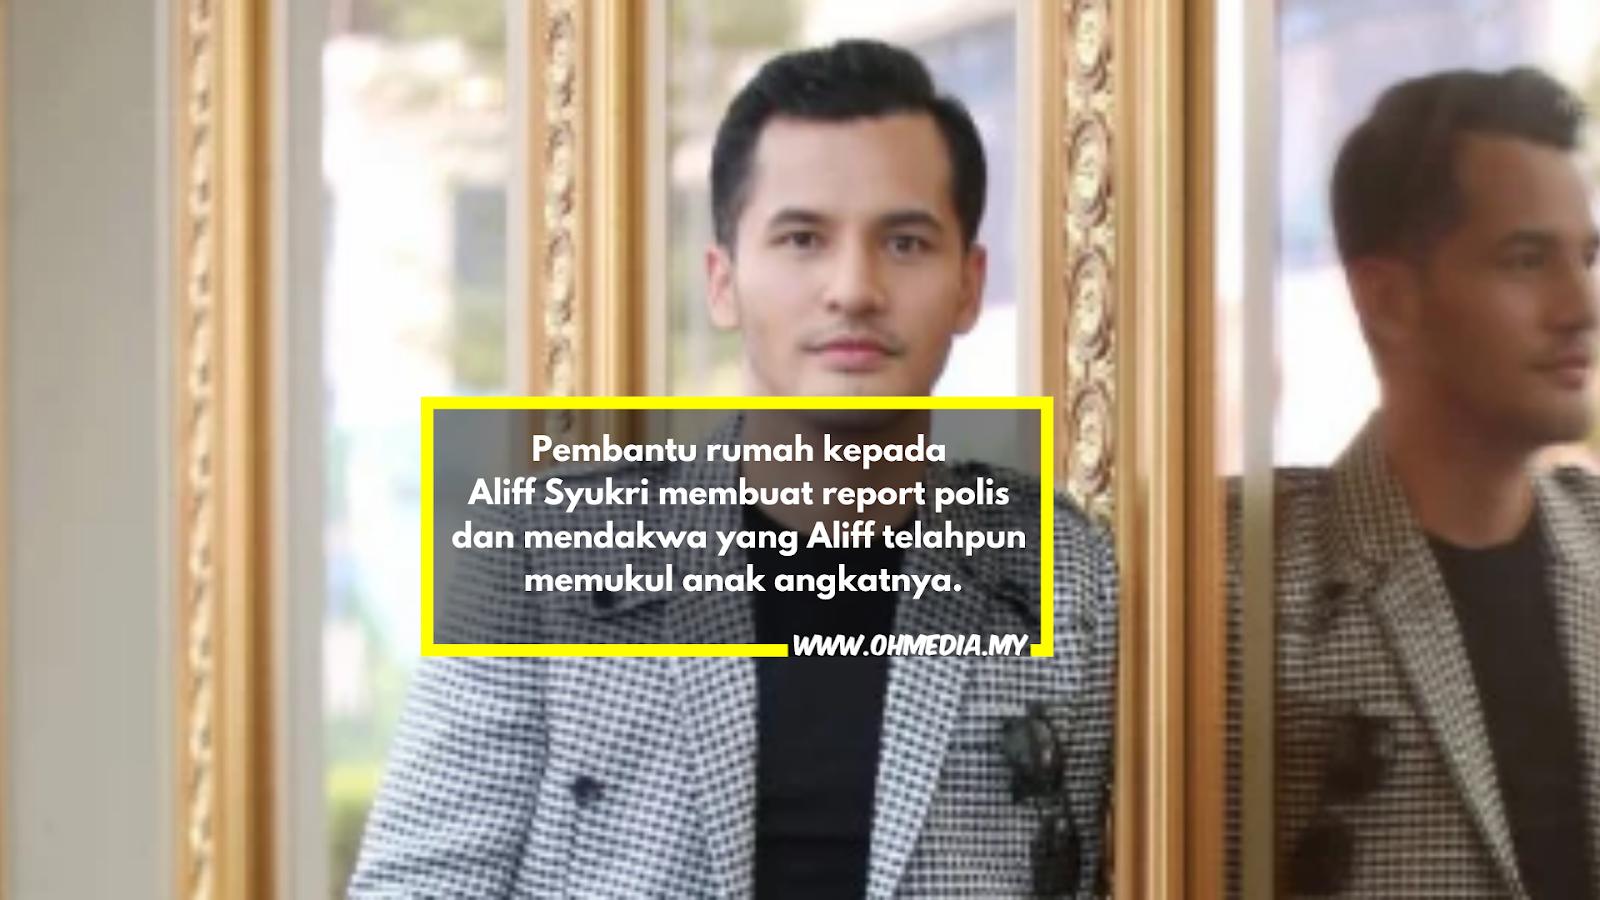 Aliff syukri dibebaskan selepas beri keterangan oh media for Mohd shop